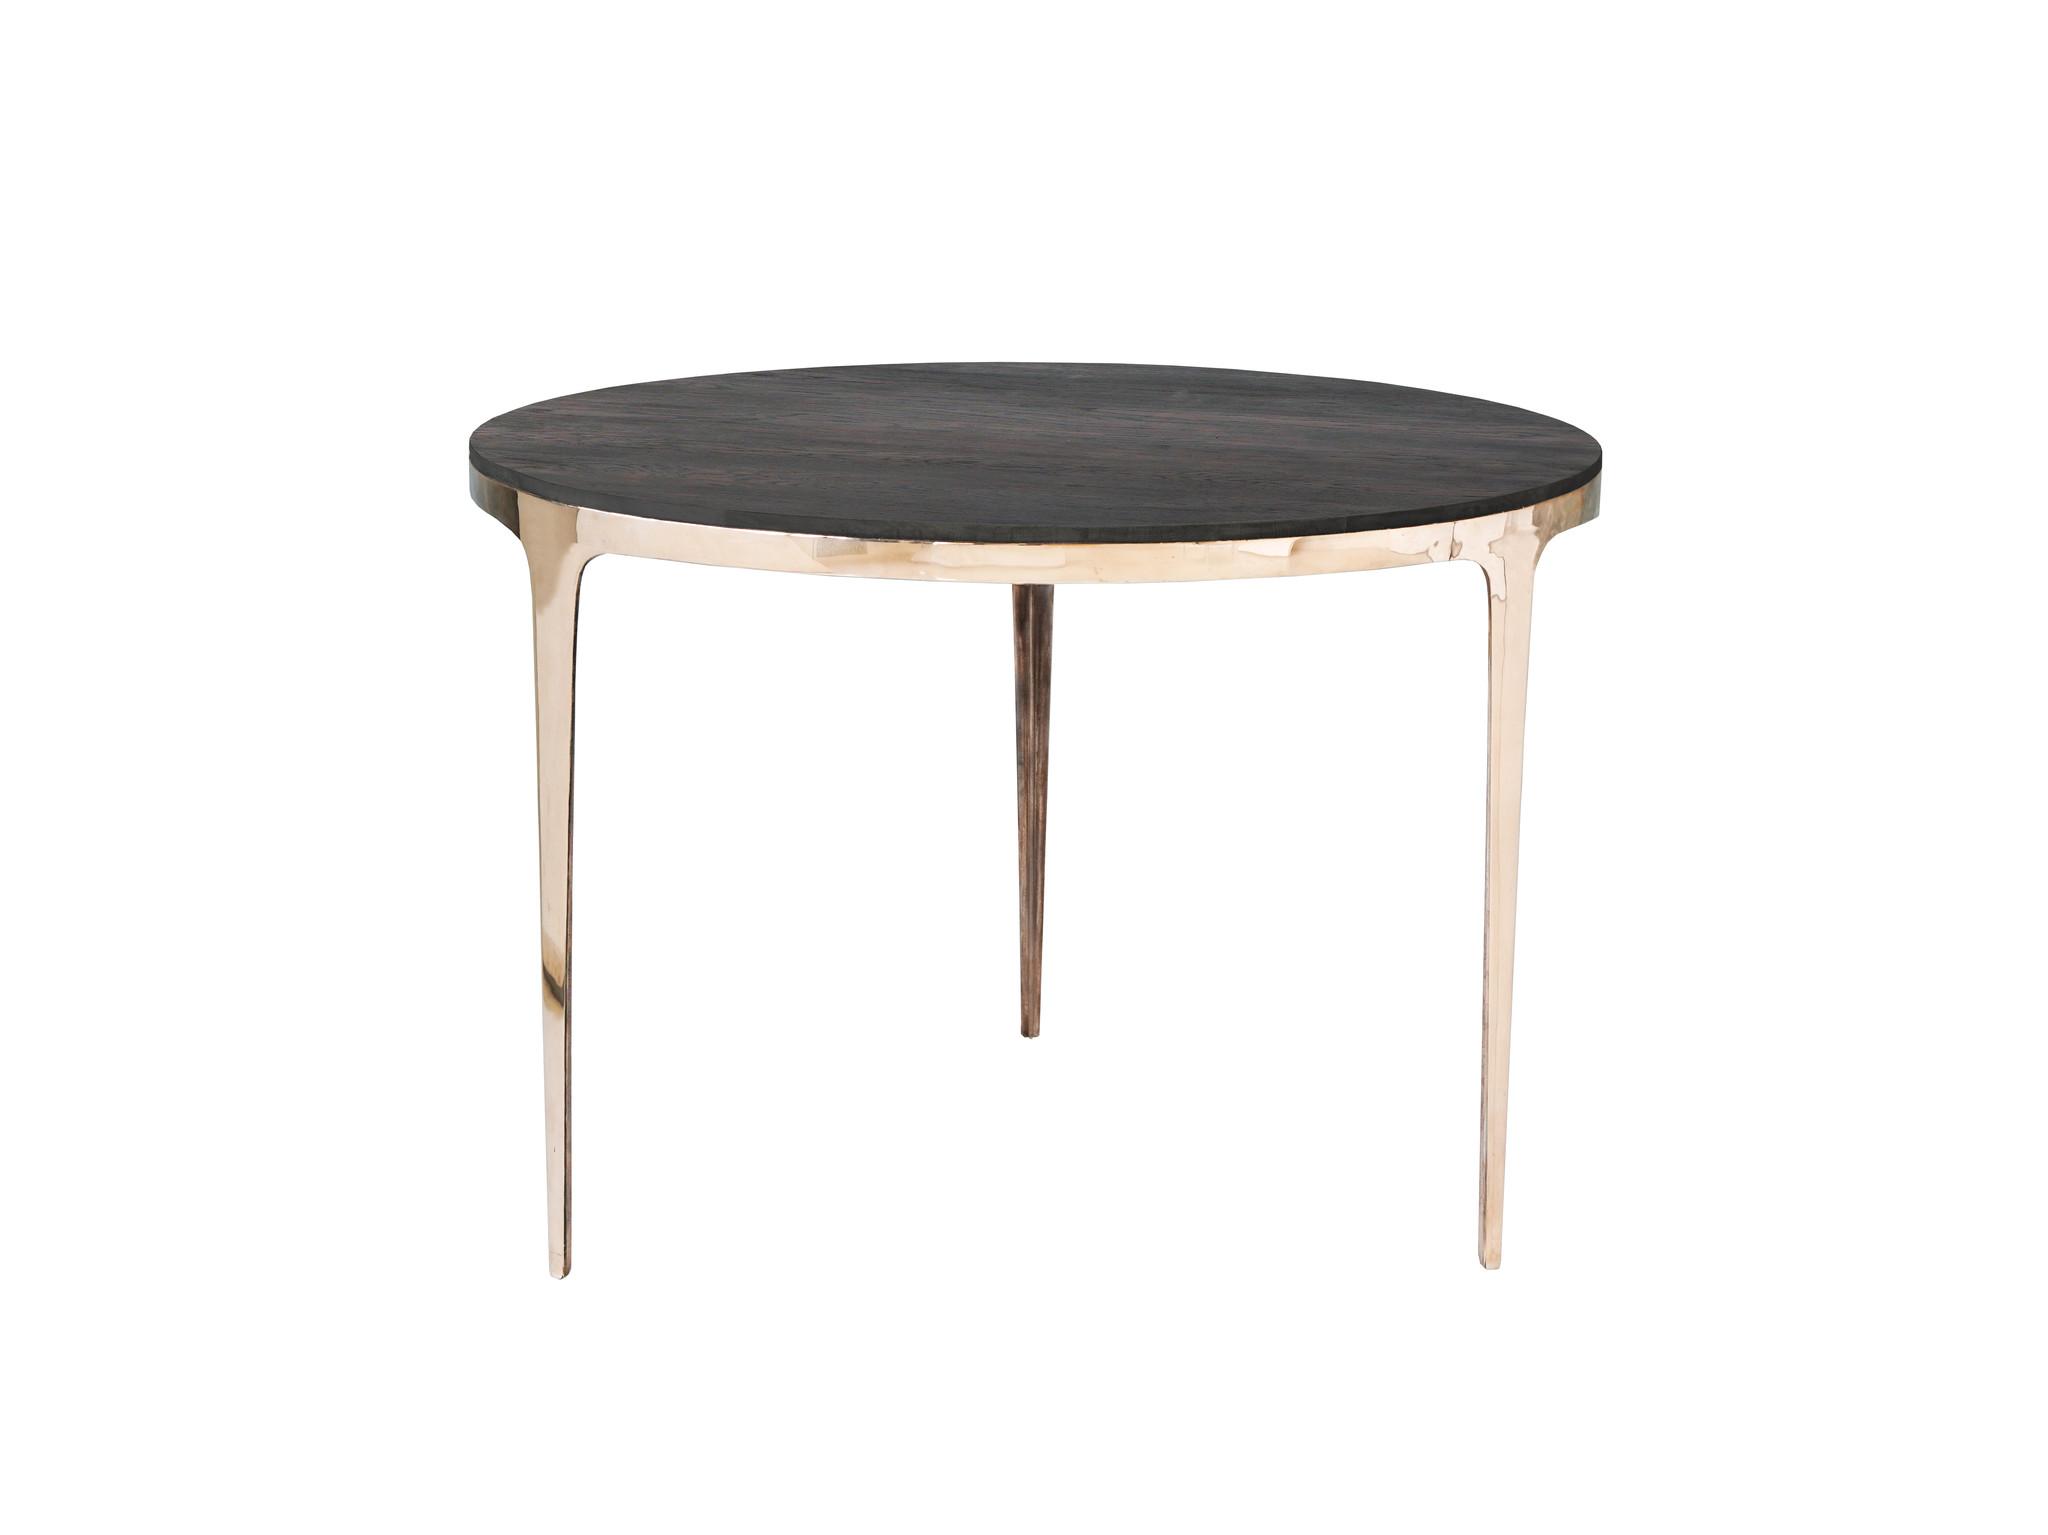 Стол круглый Ring Table без покрытияОбеденные столы<br>&amp;lt;div&amp;gt;&amp;lt;div&amp;gt;&amp;lt;span style=&amp;quot;font-size: 14px;&amp;quot;&amp;gt;Элегантный обеденный стол из литой полированной бронзы. Подстолье отлито из настоящей оловянистой бронзы и отполировано до зеркального блеска. Столешница изготовлена из четырехмиллиметрового массива дуба на подложке из импортной фанеры. Периметр также отделан массивом дуба. Стол доступен в различных вариациях. Он может быть выполнен с подстольем на трех и на четырех ножках. Стол на трех ножках будет устойчив даже на самых неровных поверхностях.&amp;amp;nbsp;&amp;lt;/span&amp;gt;&amp;lt;/div&amp;gt;&amp;lt;div&amp;gt;&amp;lt;span style=&amp;quot;font-size: 14px;&amp;quot;&amp;gt;&amp;lt;br&amp;gt;&amp;lt;/span&amp;gt;&amp;lt;/div&amp;gt;&amp;lt;div&amp;gt;&amp;lt;span style=&amp;quot;font-size: 14px;&amp;quot;&amp;gt;Настоящая бронза имеет свойство стариться. Мы можем нанести специальный защитный слой, который предотвратит ее старение и защитит от царапин. Покрытие также обладает антистатическими свойствами, не собирает пыль. При желании, вы можете оставить металл без покрытия, в этом случае со временем бронза будет покрываться естественной патиной, что придаст изделию антикварный вид. Также возможно запатинировать бронзу в черный цвет.&amp;amp;nbsp;&amp;lt;/span&amp;gt;&amp;lt;/div&amp;gt;&amp;lt;div&amp;gt;&amp;lt;span style=&amp;quot;font-size: 14px;&amp;quot;&amp;gt;&amp;lt;br&amp;gt;&amp;lt;/span&amp;gt;&amp;lt;/div&amp;gt;&amp;lt;div&amp;gt;&amp;lt;span style=&amp;quot;font-size: 14px;&amp;quot;&amp;gt;Обратите внимание, что артикул, описание которого вы сейчас читаете - на трех ножках, не покрыт защитой и будет покрываться патиной. Столы с защищенной бронзой и/или на четырех ножках идут отдельными артикулами. Подстолье данной модели отлито и изготовлено вручную, поэтому на полированной части возможно присутствие артефактов литья - маленьких пор, диаметром не более 2мм, их минимальное количество, они случайн